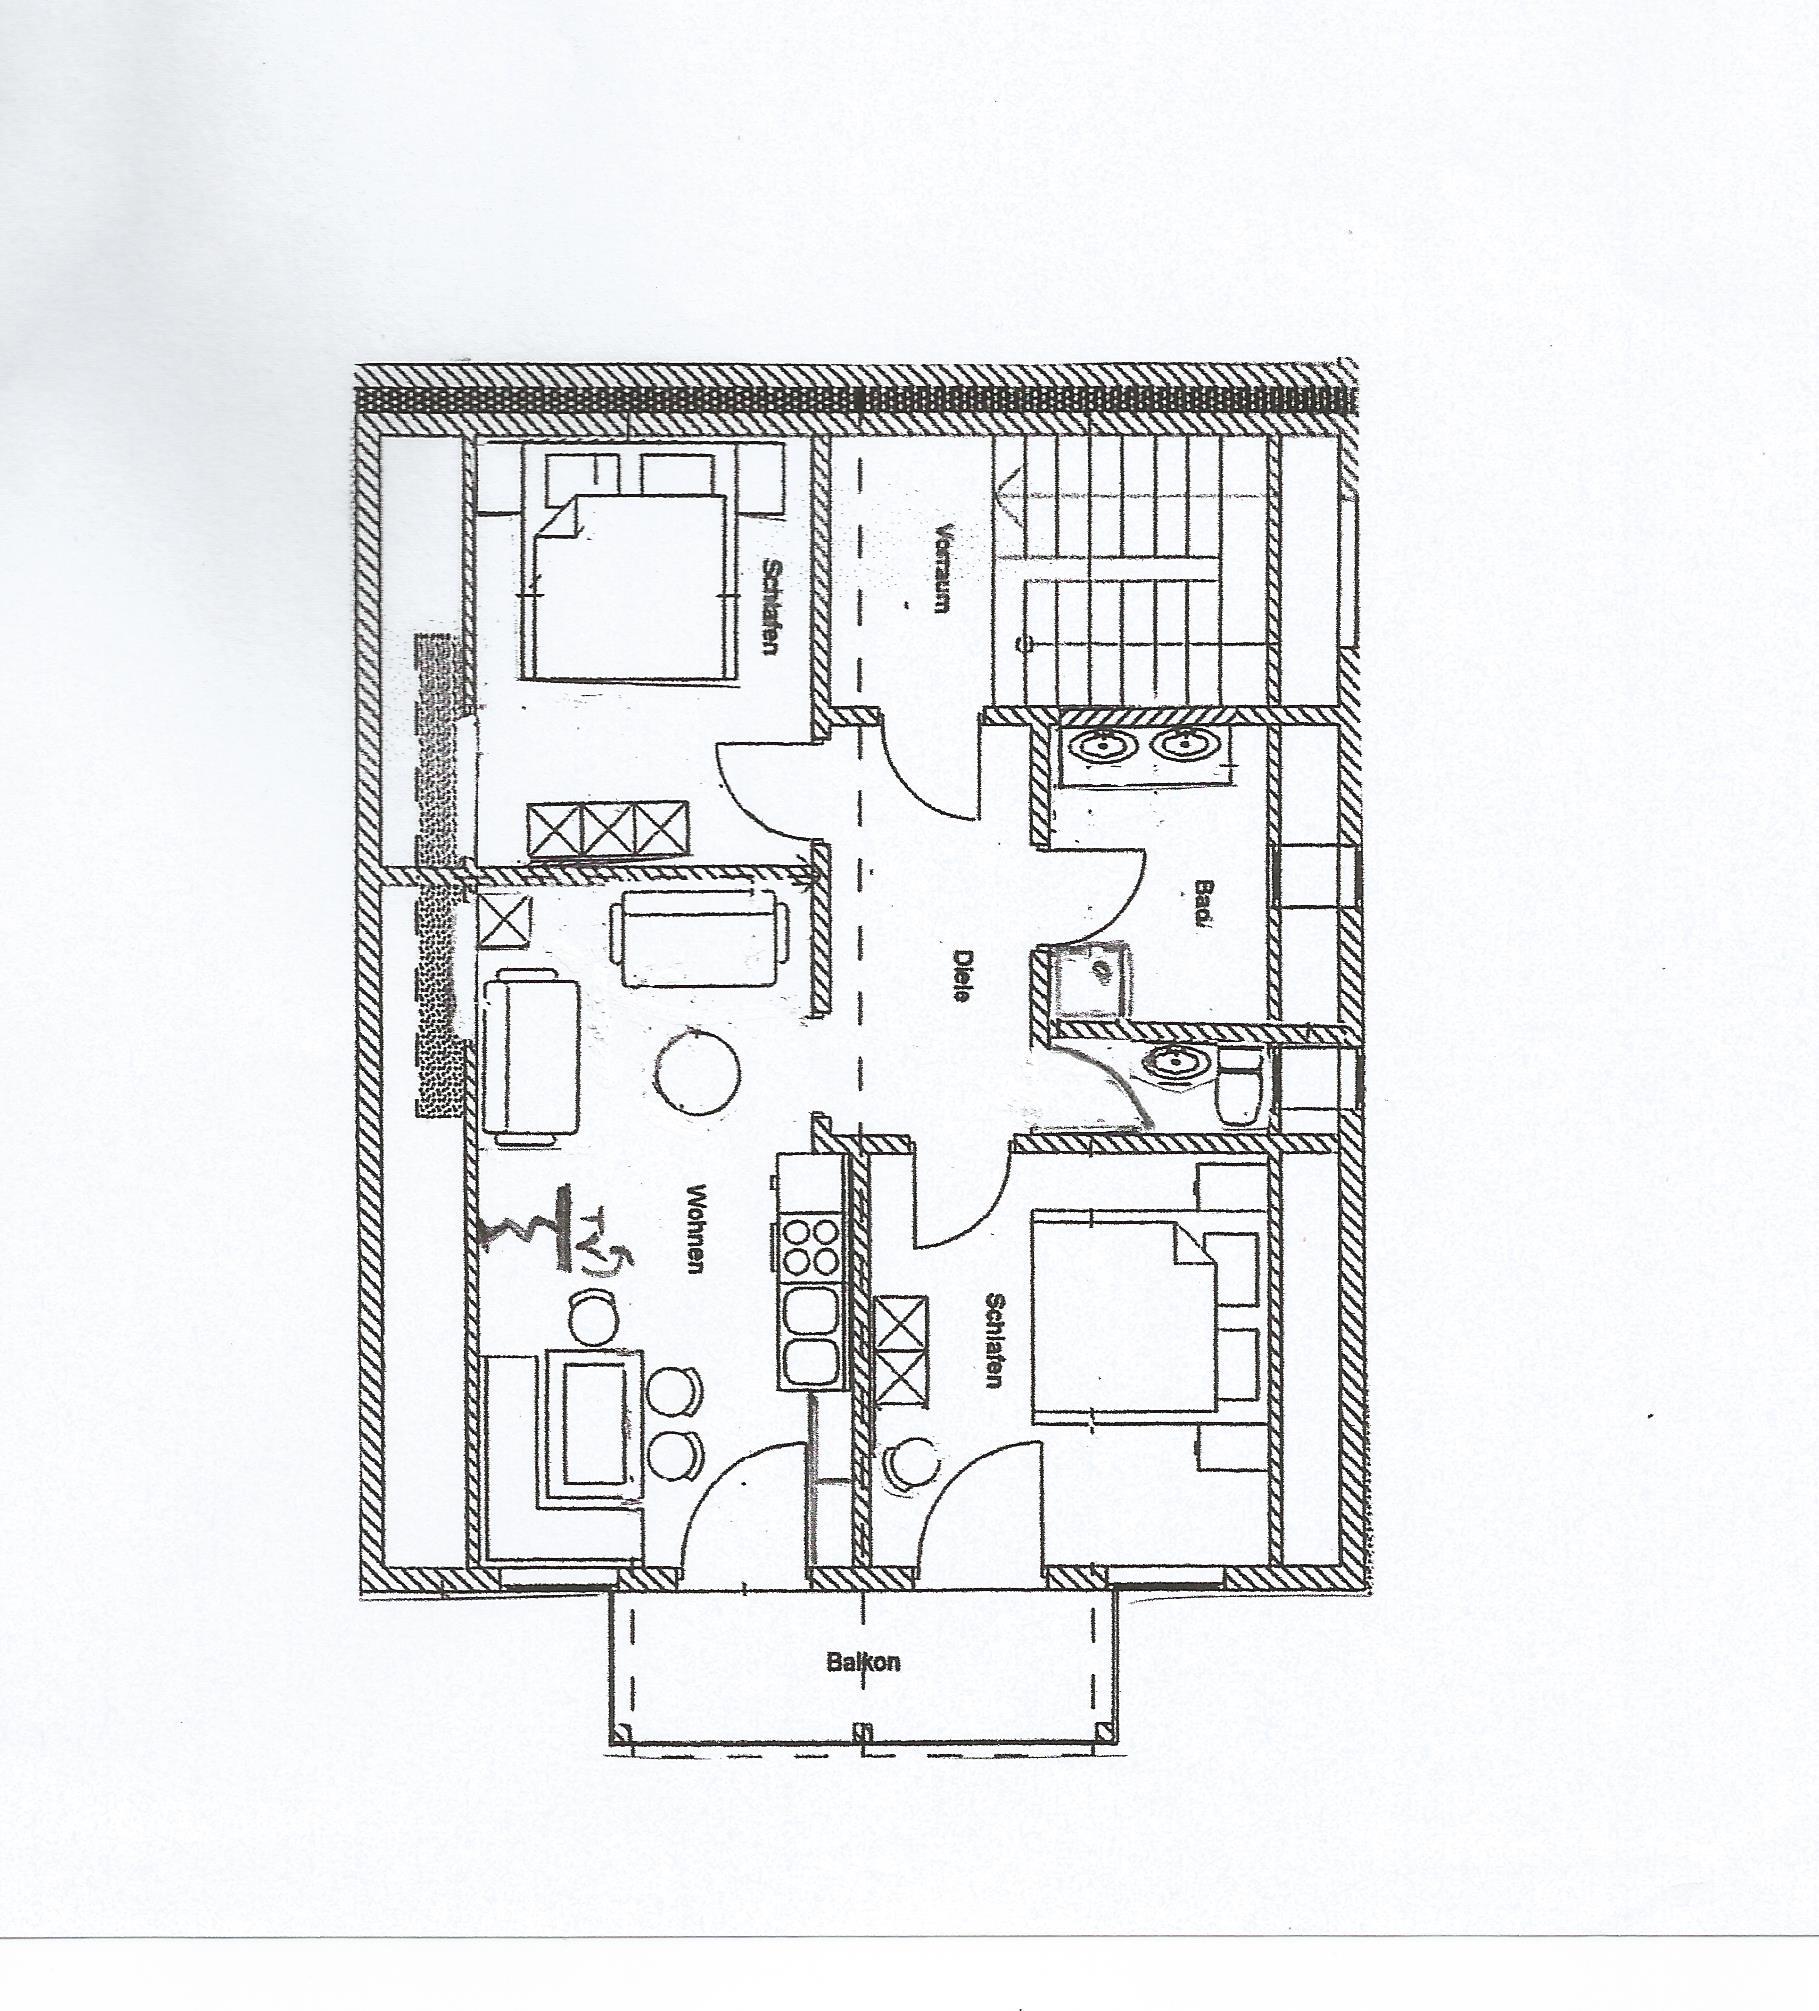 Haus Waldeck Ferienwohnung Riedbergerhorn Wohnungsskizze